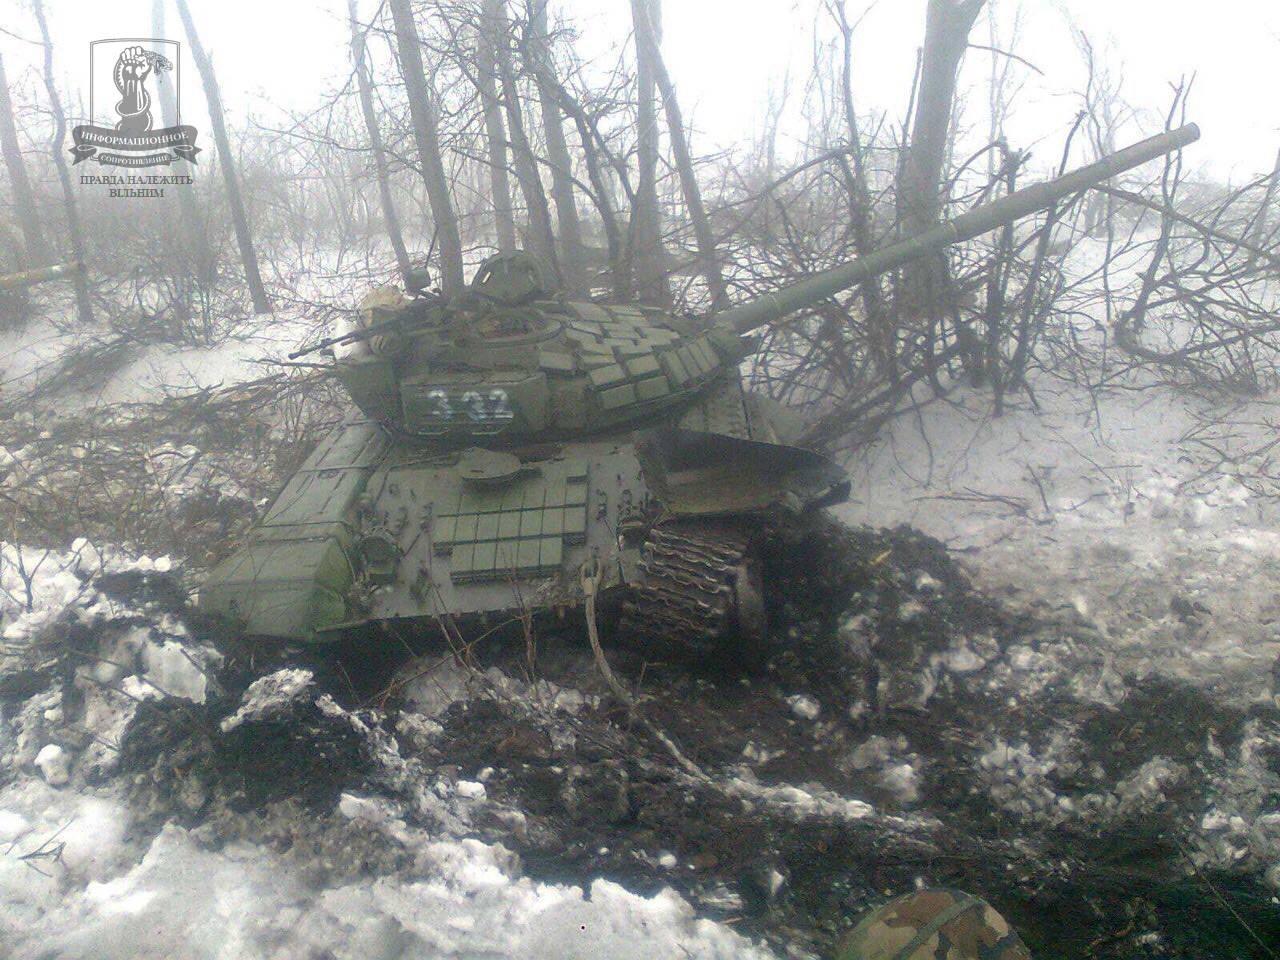 Бронетехника боевиков на Донбассе, иллюстрация